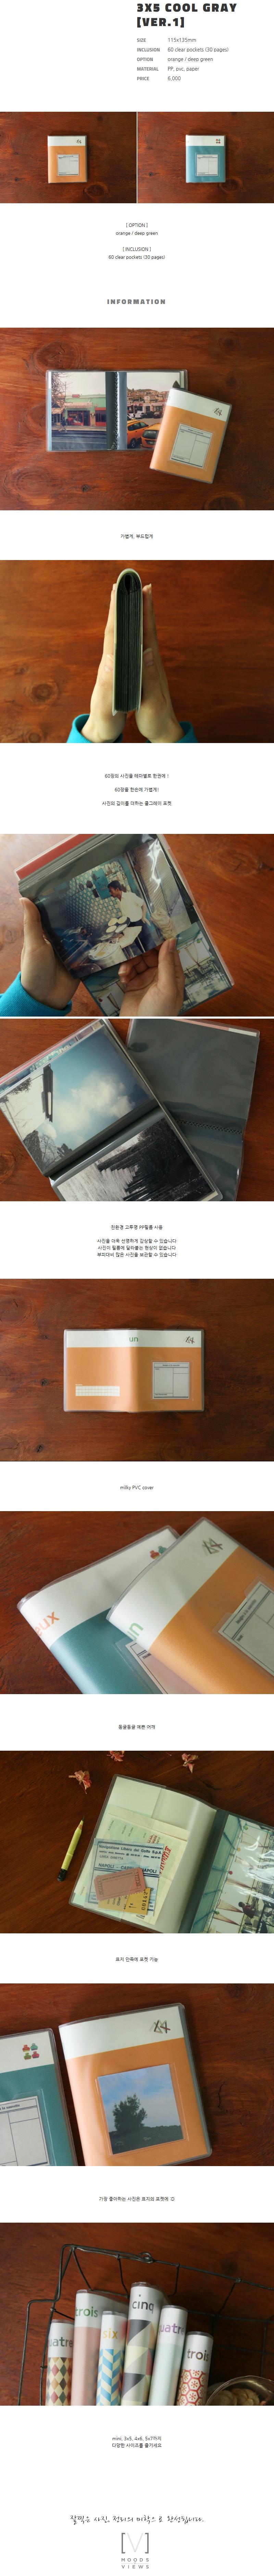 3x5 cool gray pocket - 무즈앤뷰즈, 6,000원, 포켓앨범, 심플